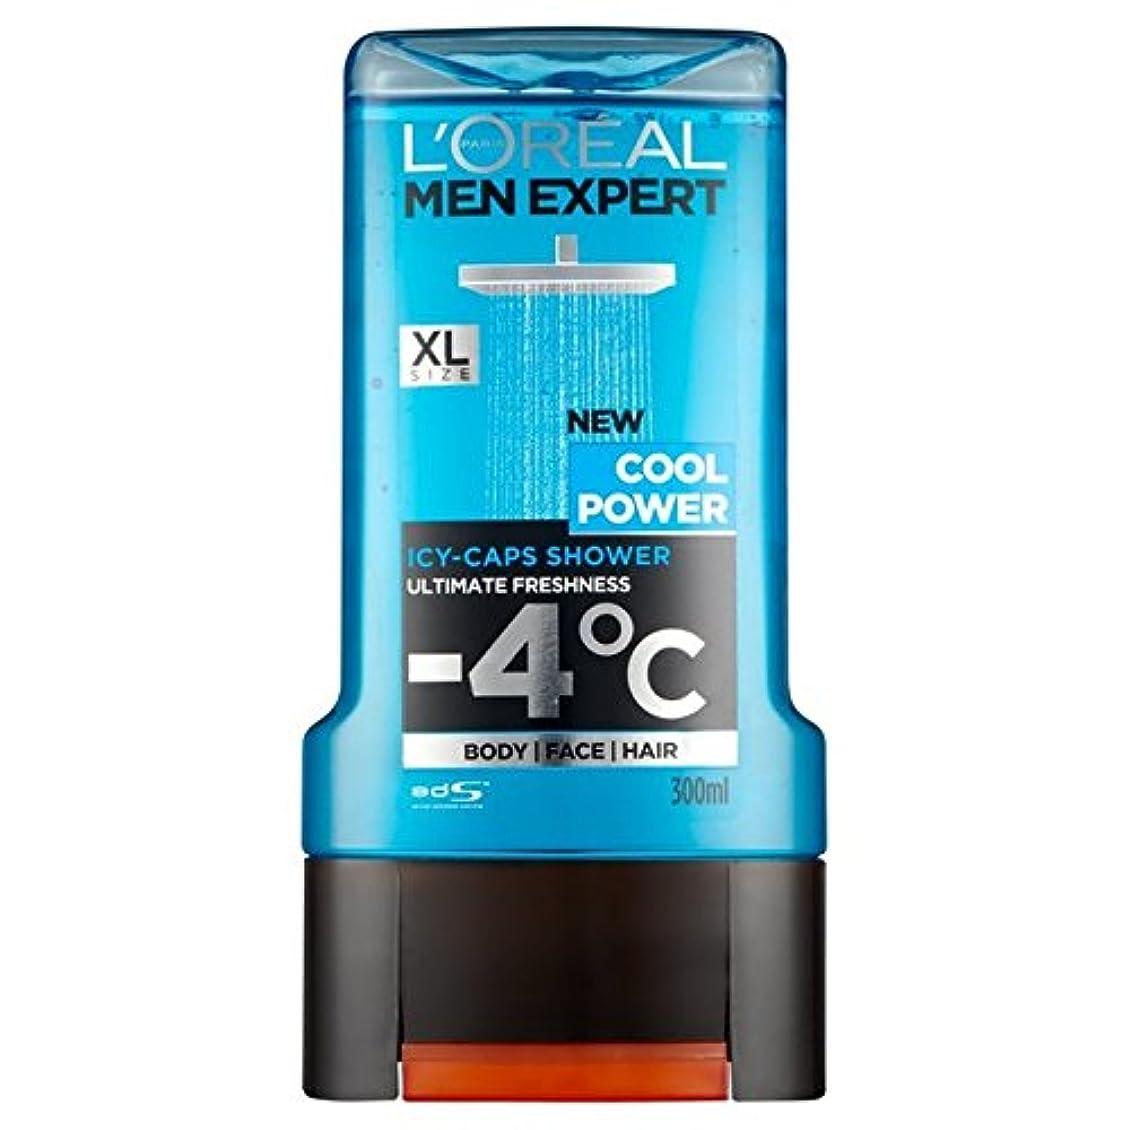 アナリスト反逆何かロレアルパリの男性の専門家のクールなパワーシャワージェル300ミリリットル x2 - L'Oreal Paris Men Expert Cool Power Shower Gel 300ml (Pack of 2) [並行輸入品]